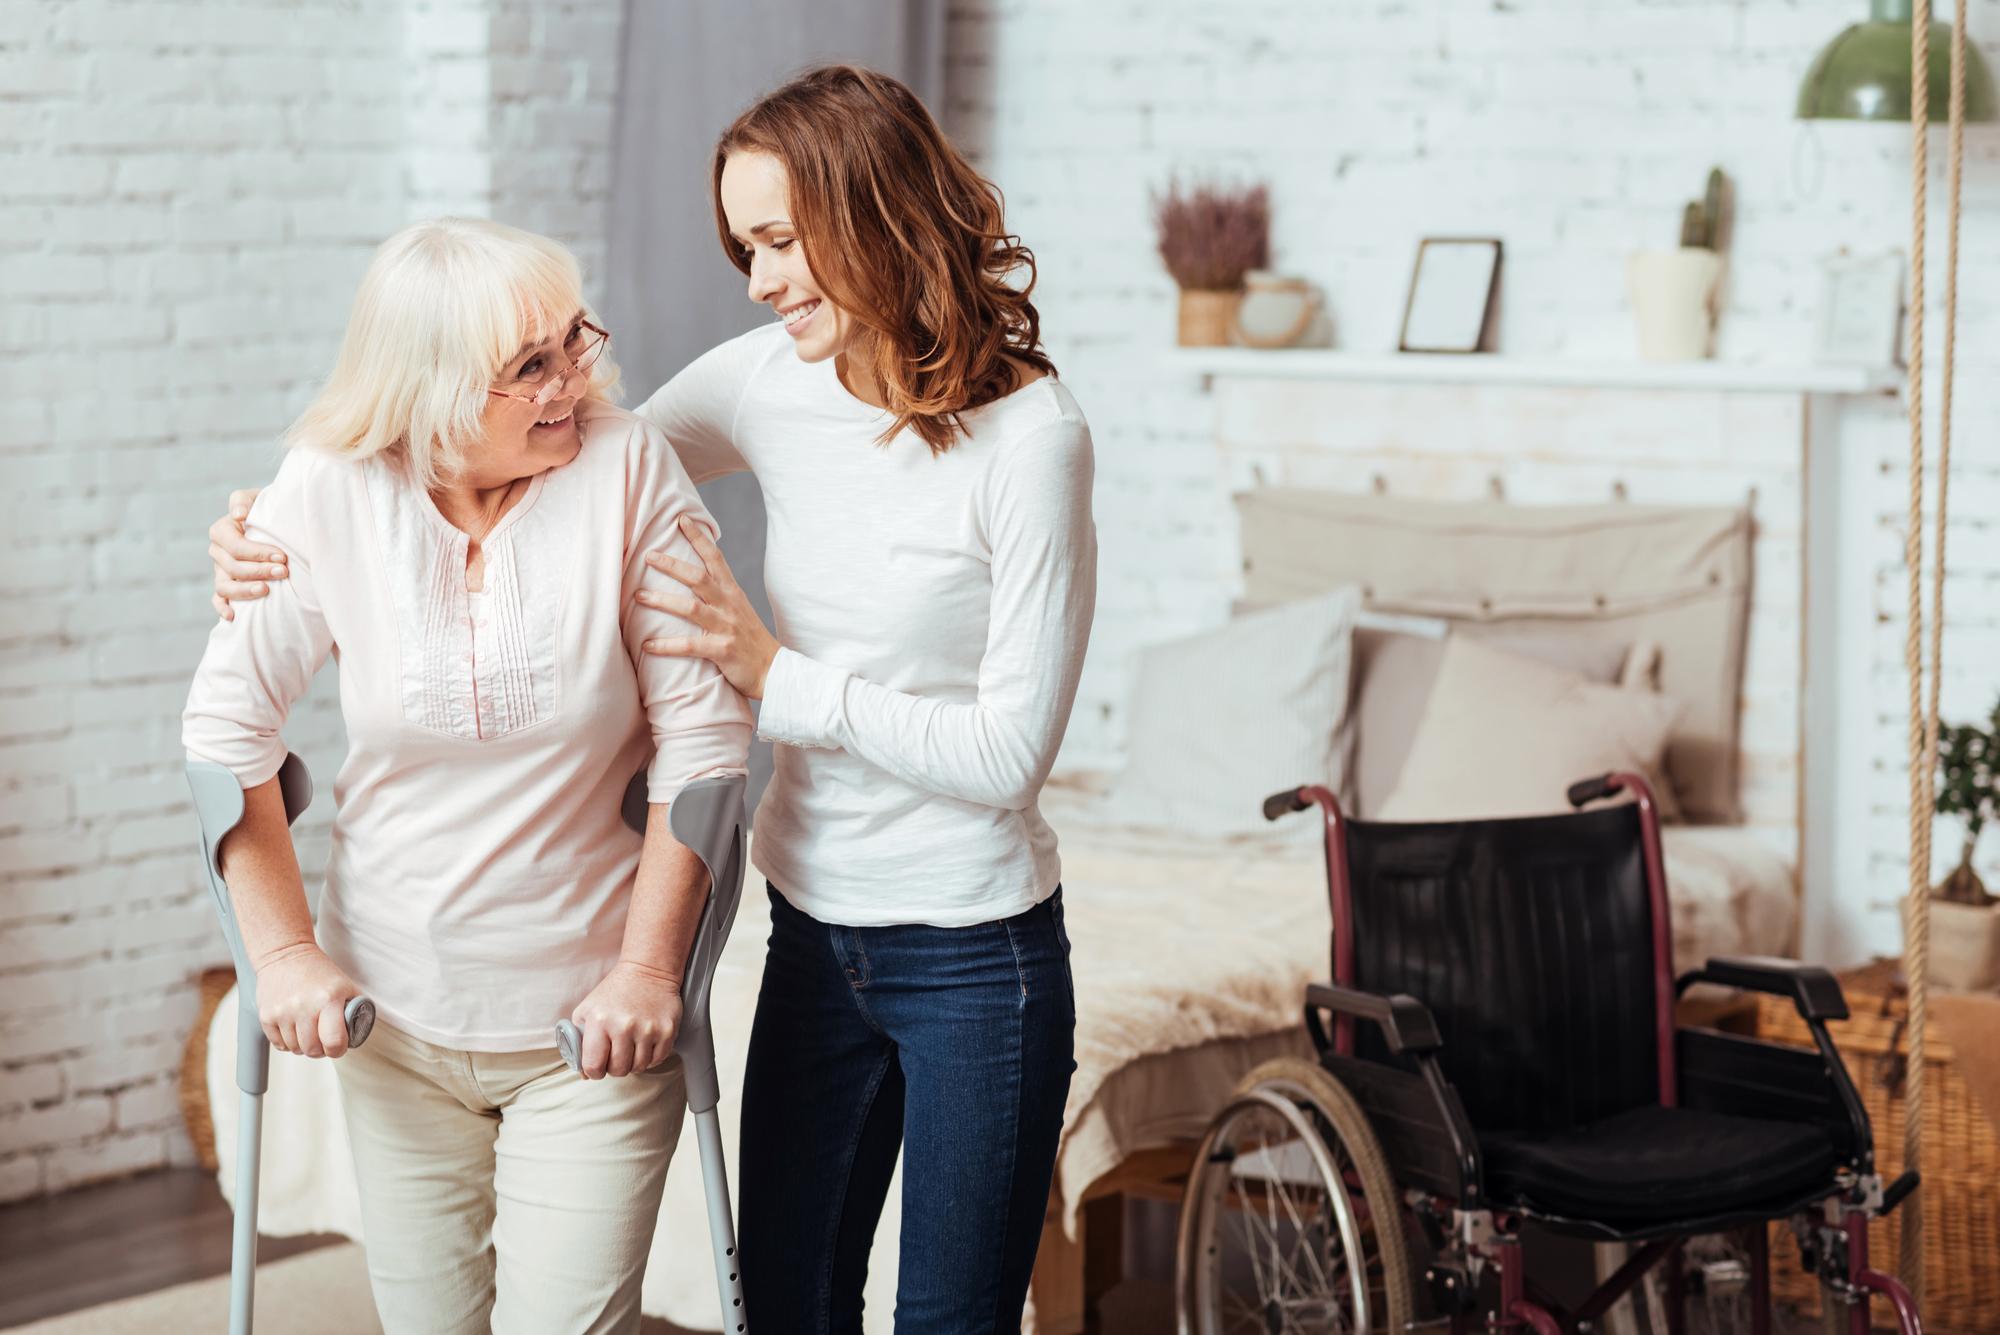 分割して取得できる? 介護休業に関する基礎知識